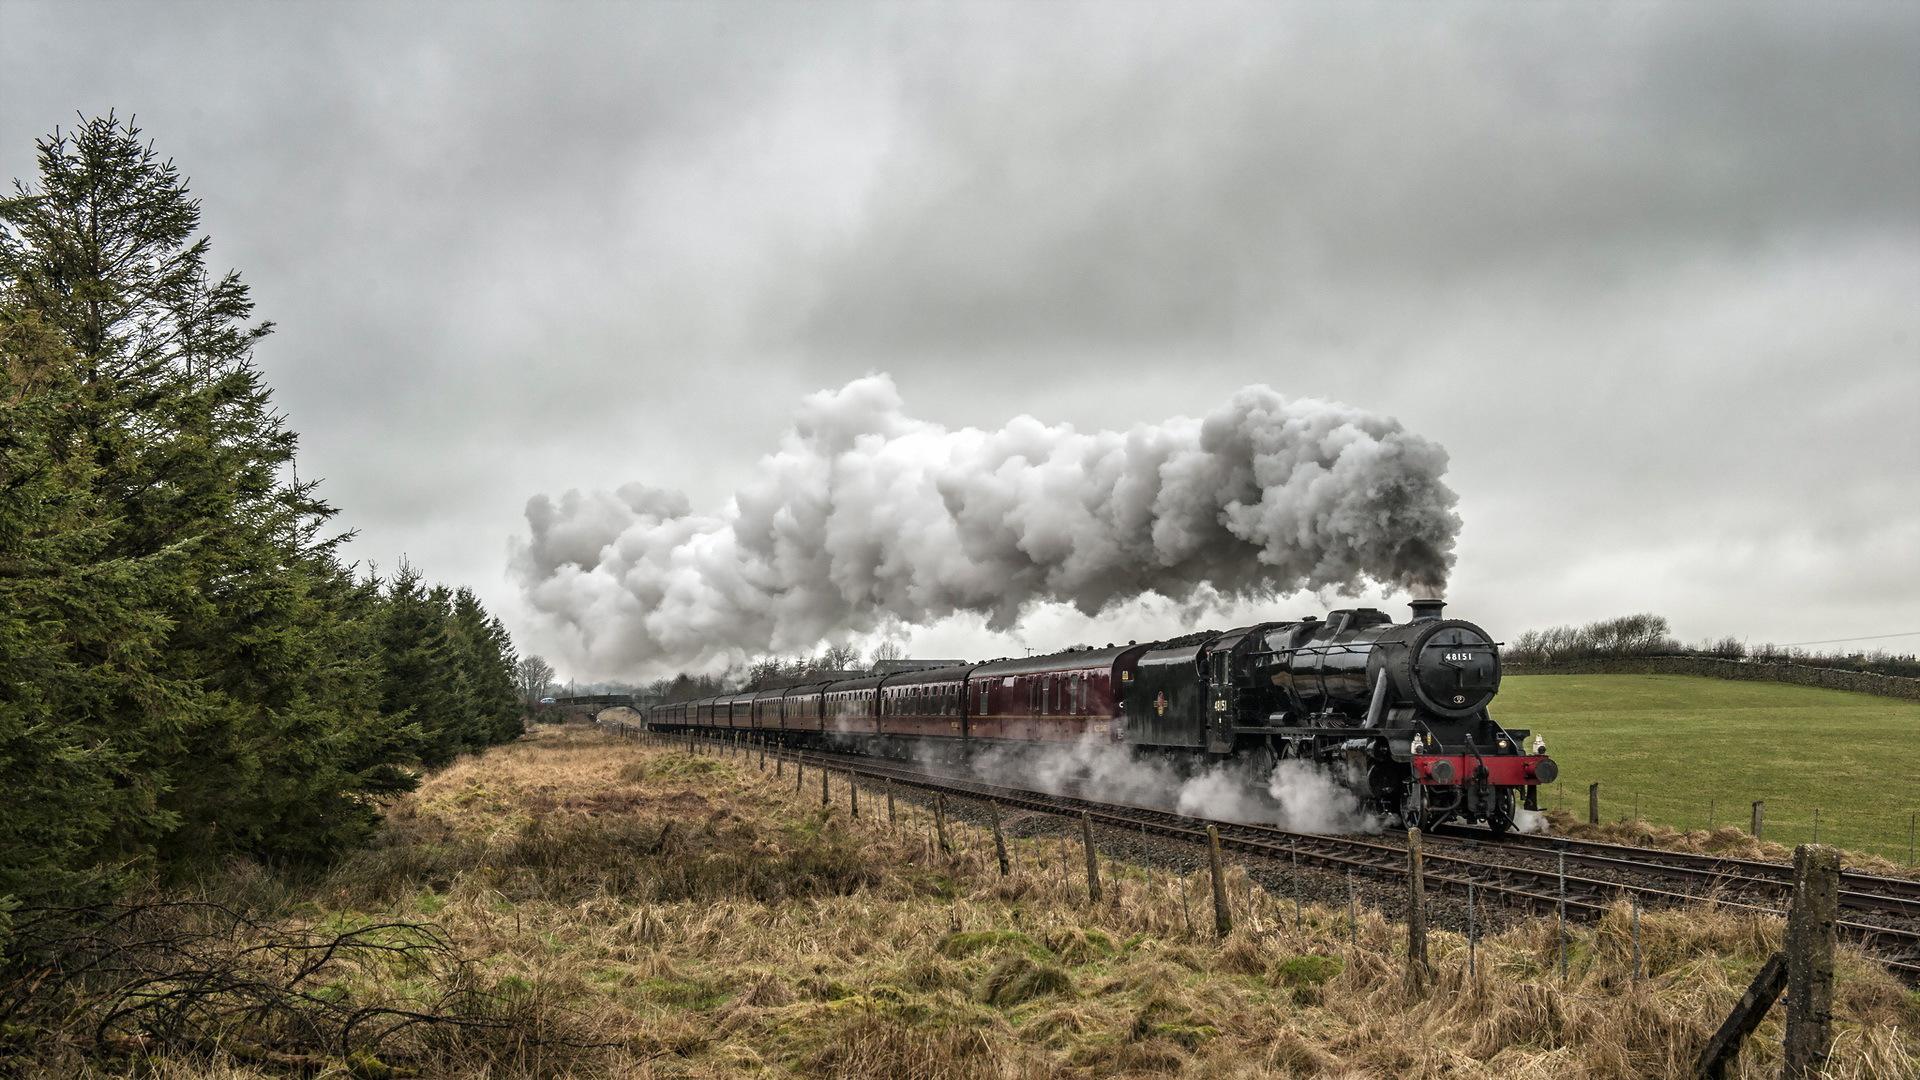 1920x1200 trains steam - photo #27